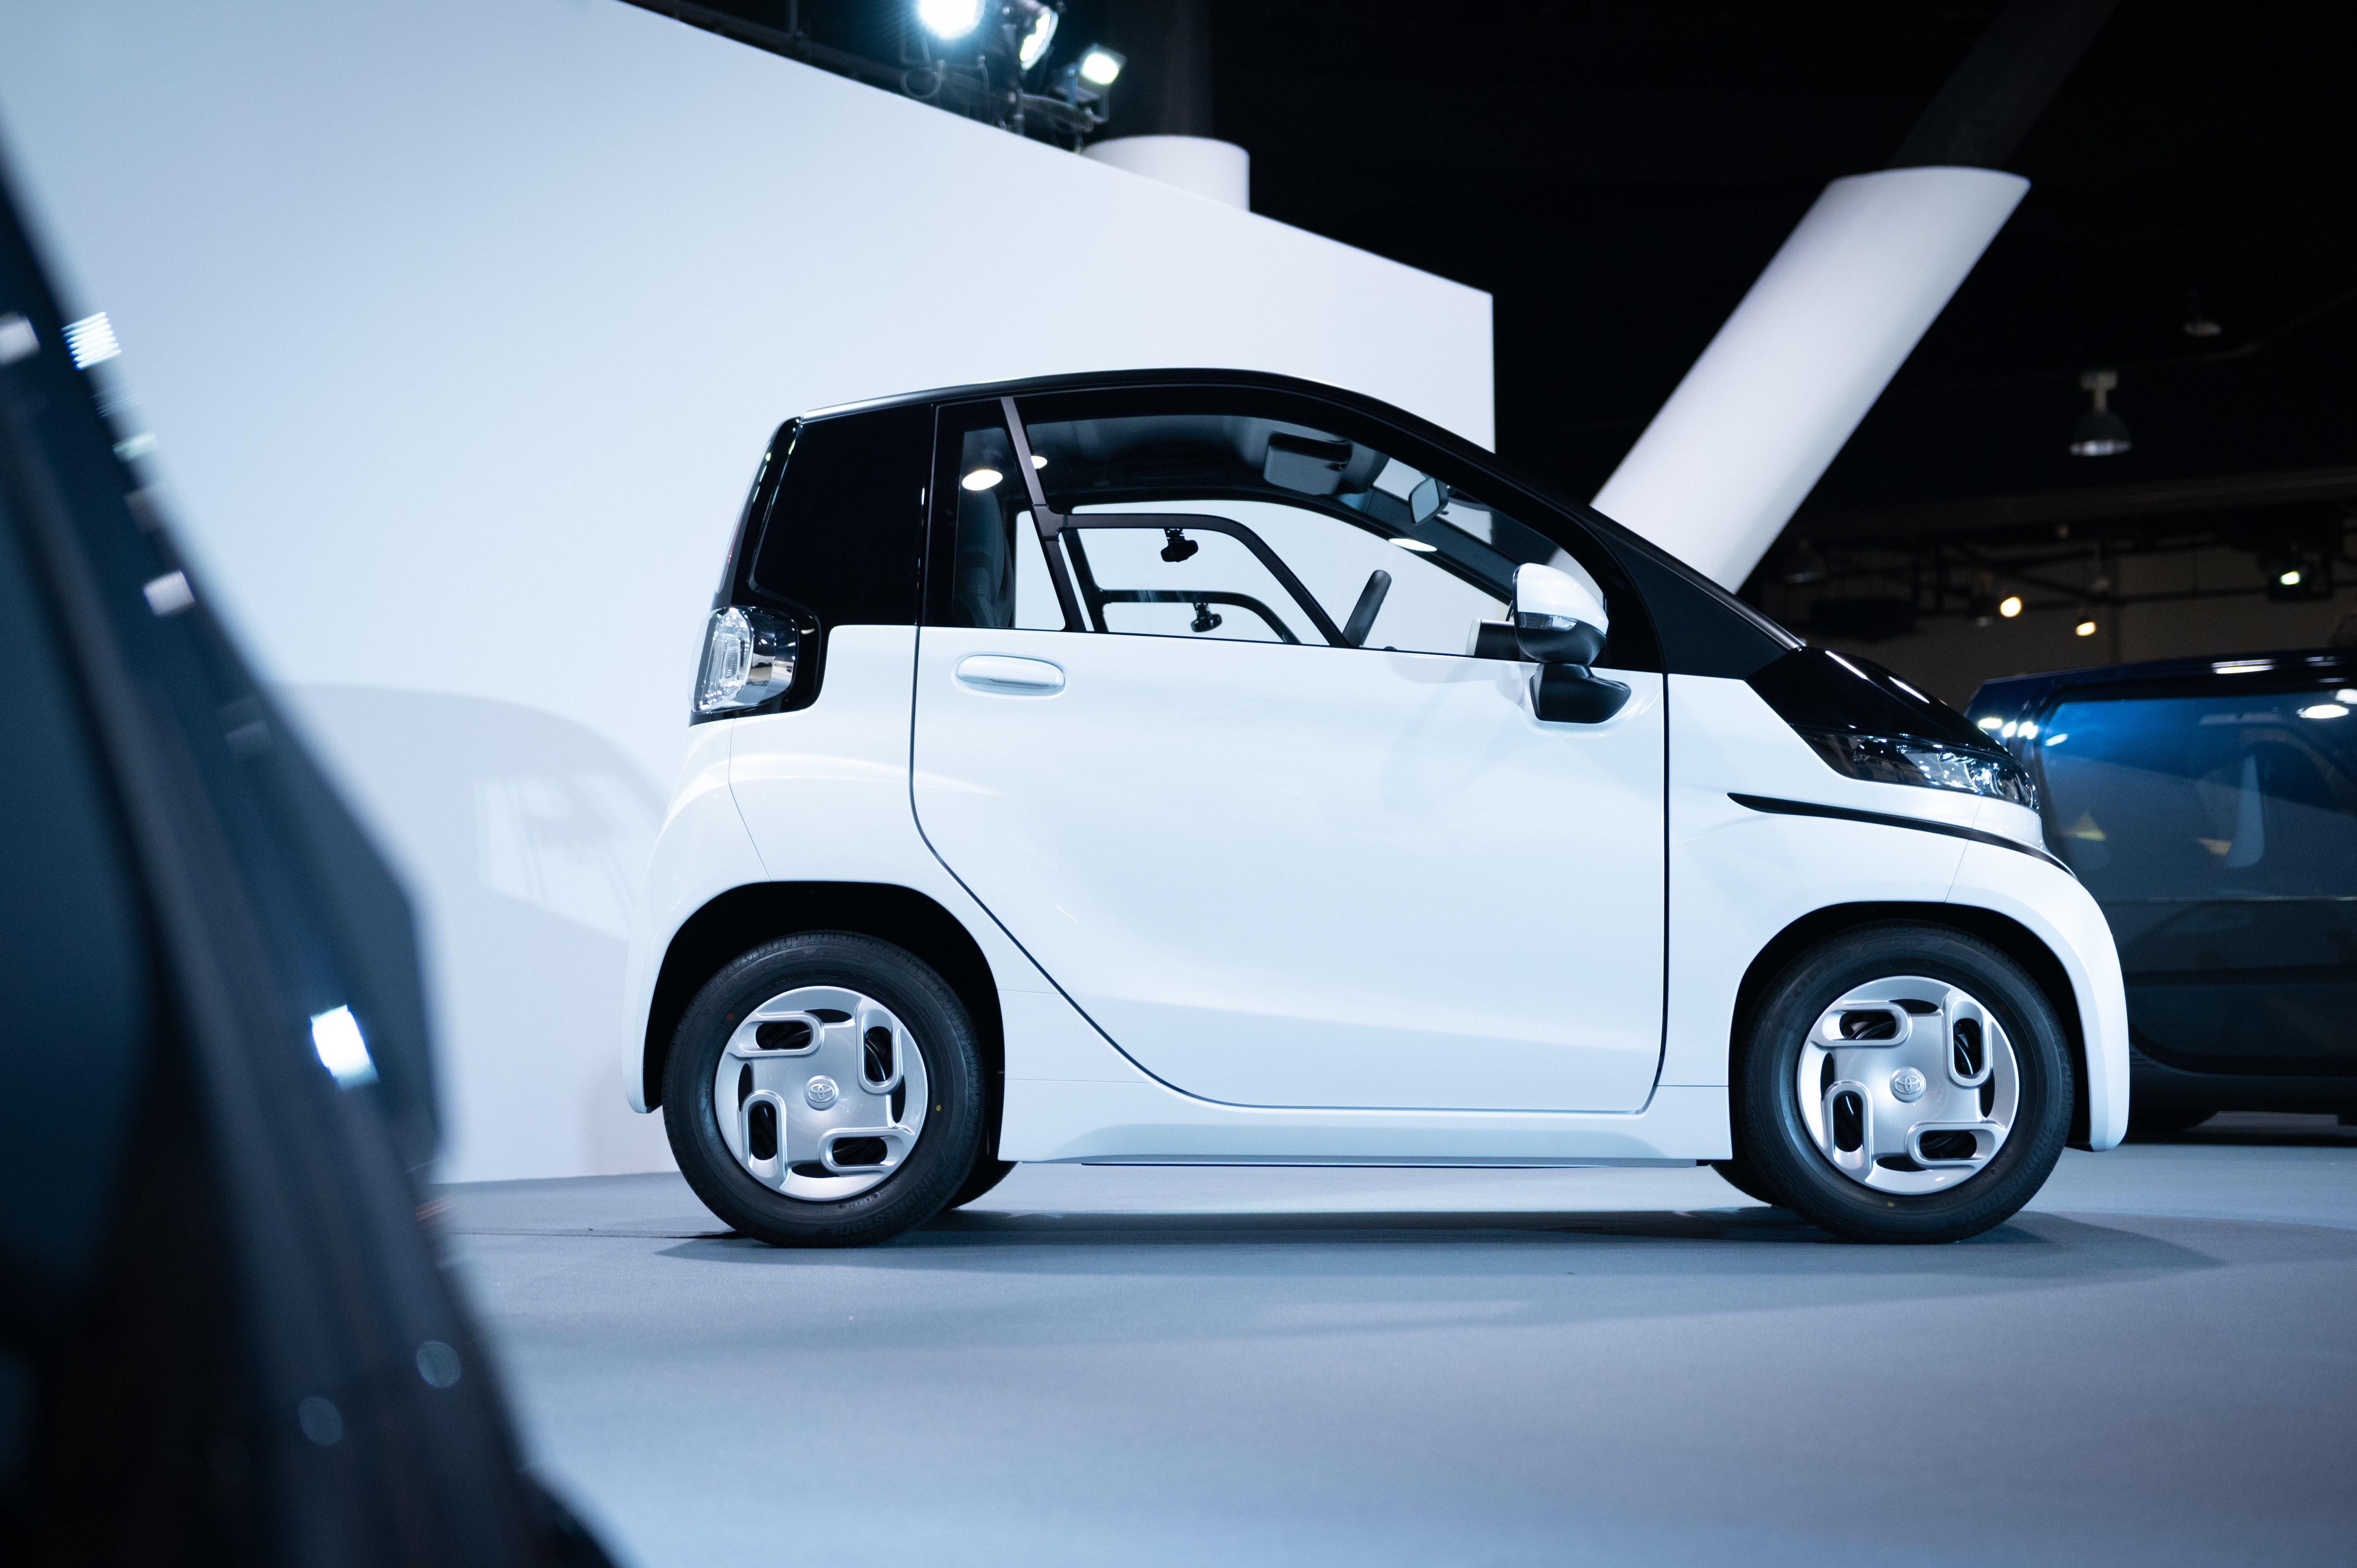 トヨタの超小型EVがチョロQみたいだ! 新型ふたり乗りEV登場